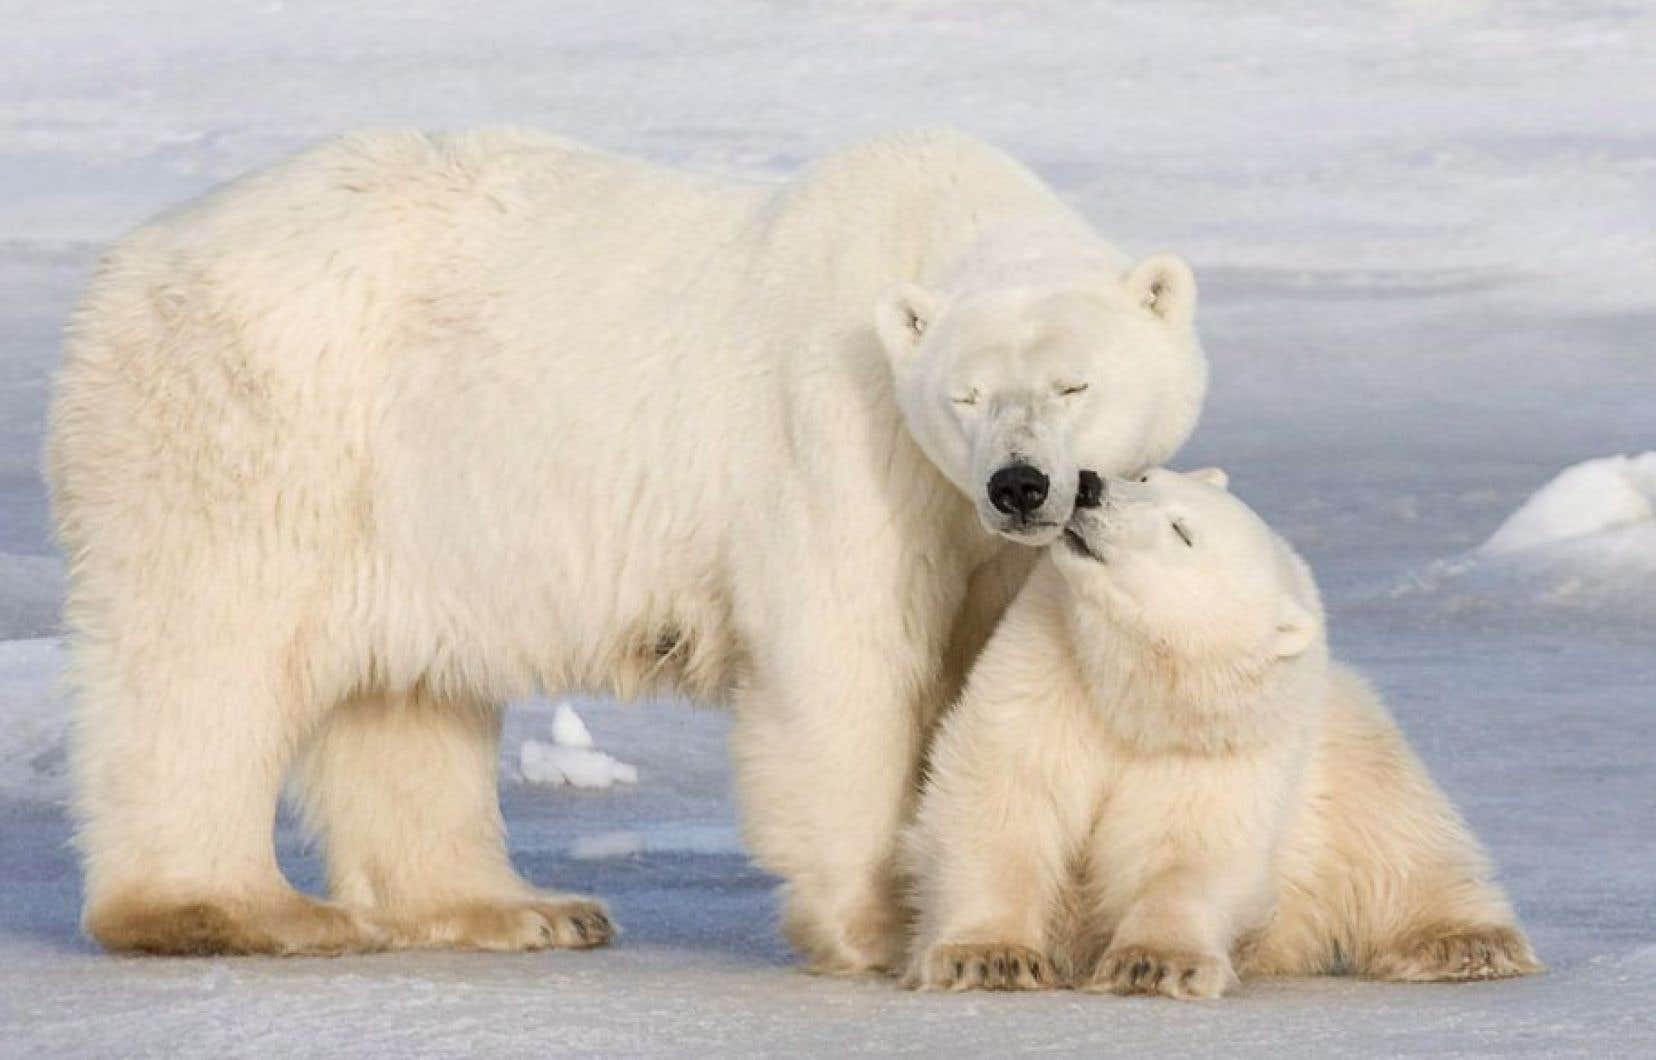 L'ours polaire figure parmi les victimes probables des effets des bouleversements du climat dans l'Arctique.